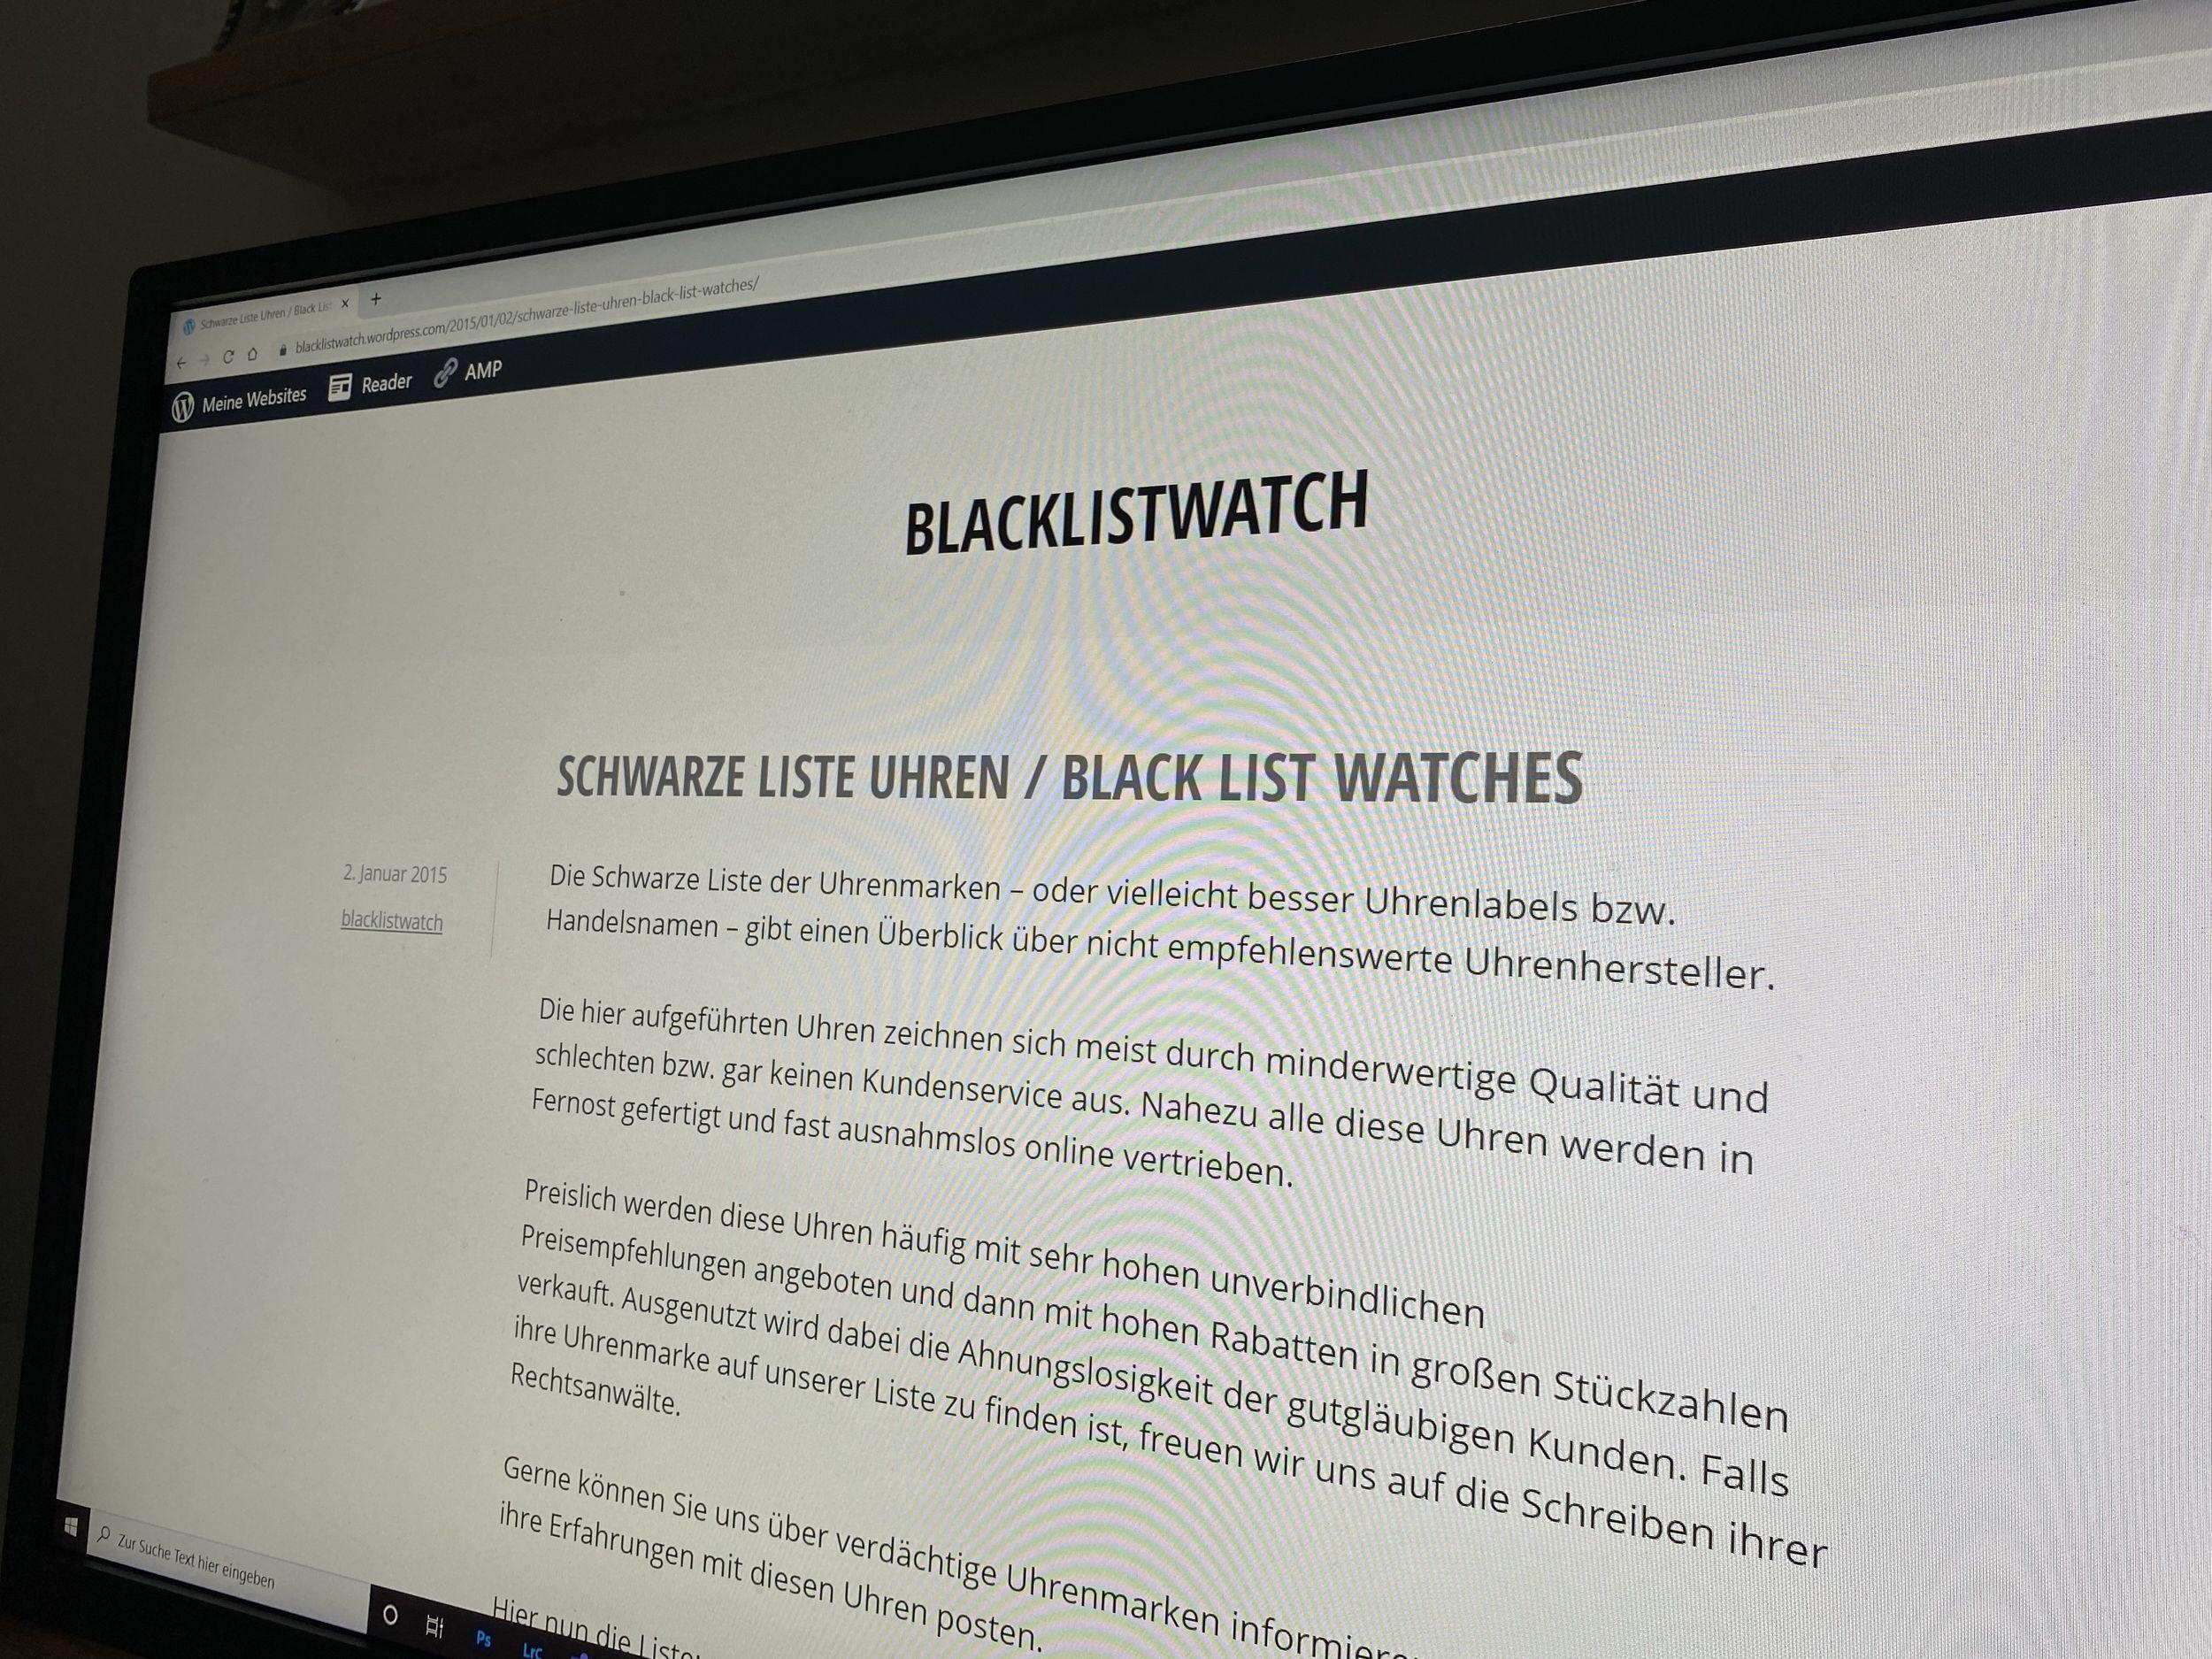 Schwarze Liste Uhren Black List Watches